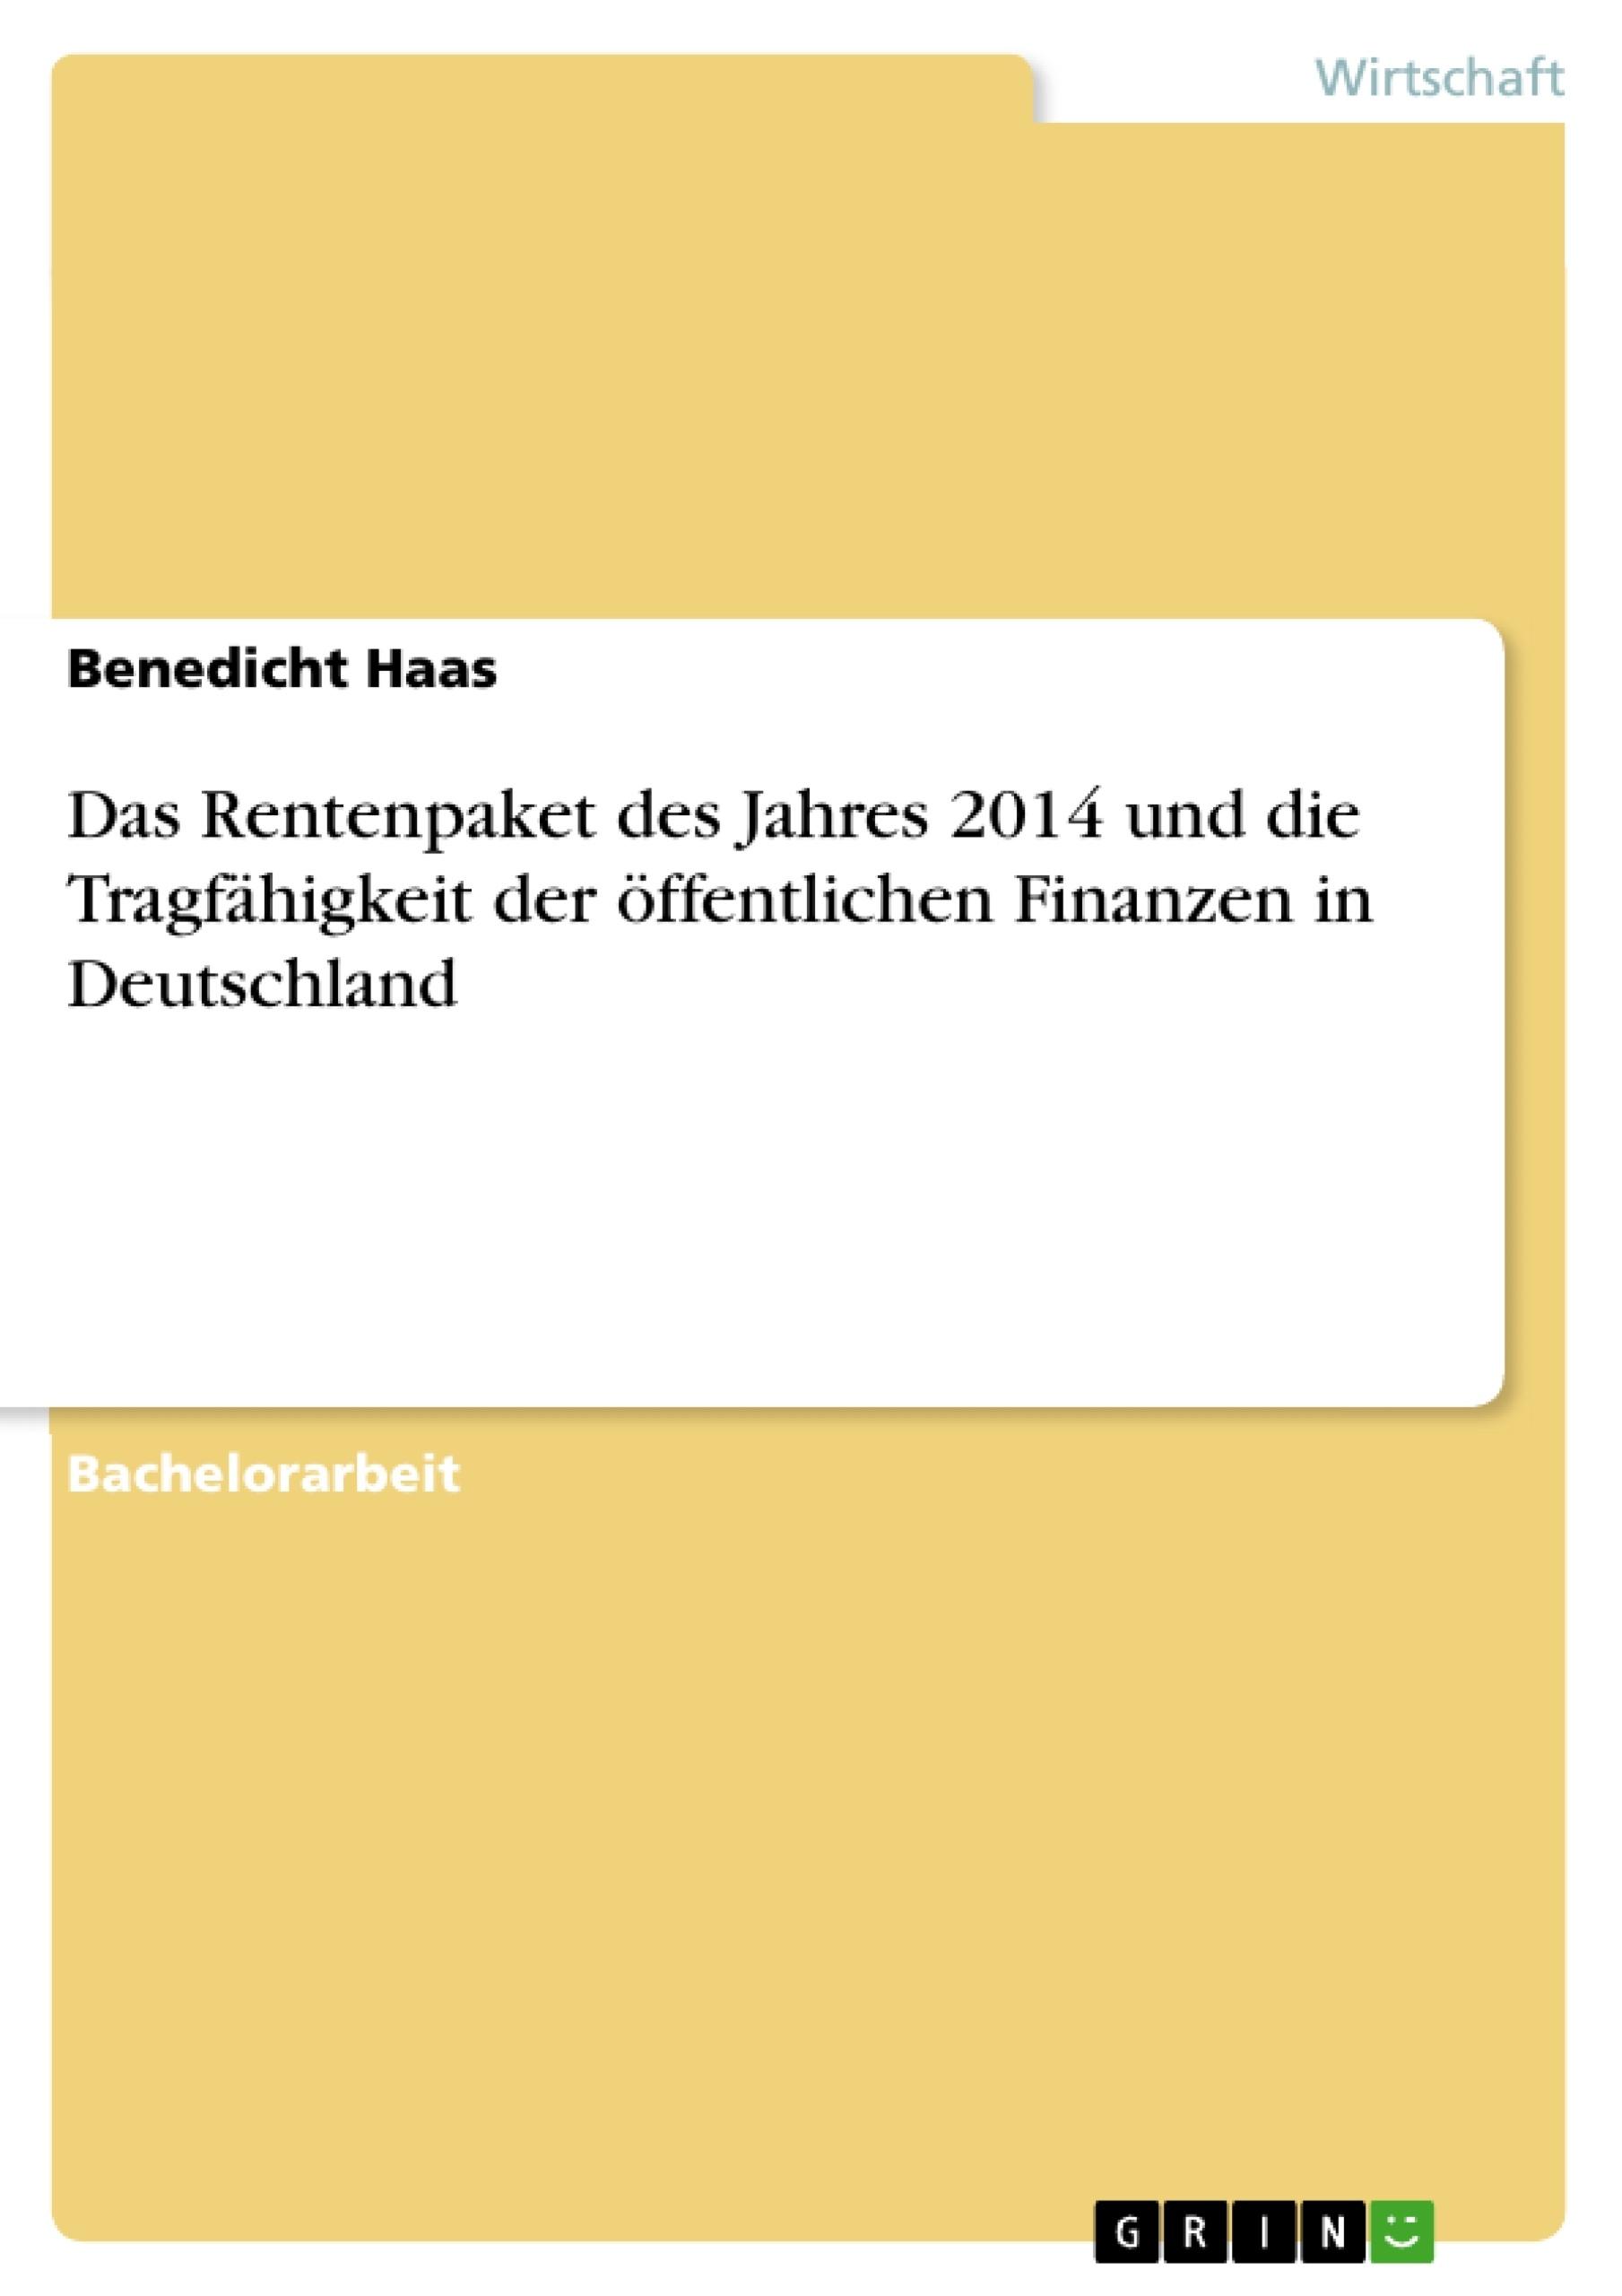 Titel: Das Rentenpaket des Jahres 2014 und die Tragfähigkeit der öffentlichen Finanzen in Deutschland